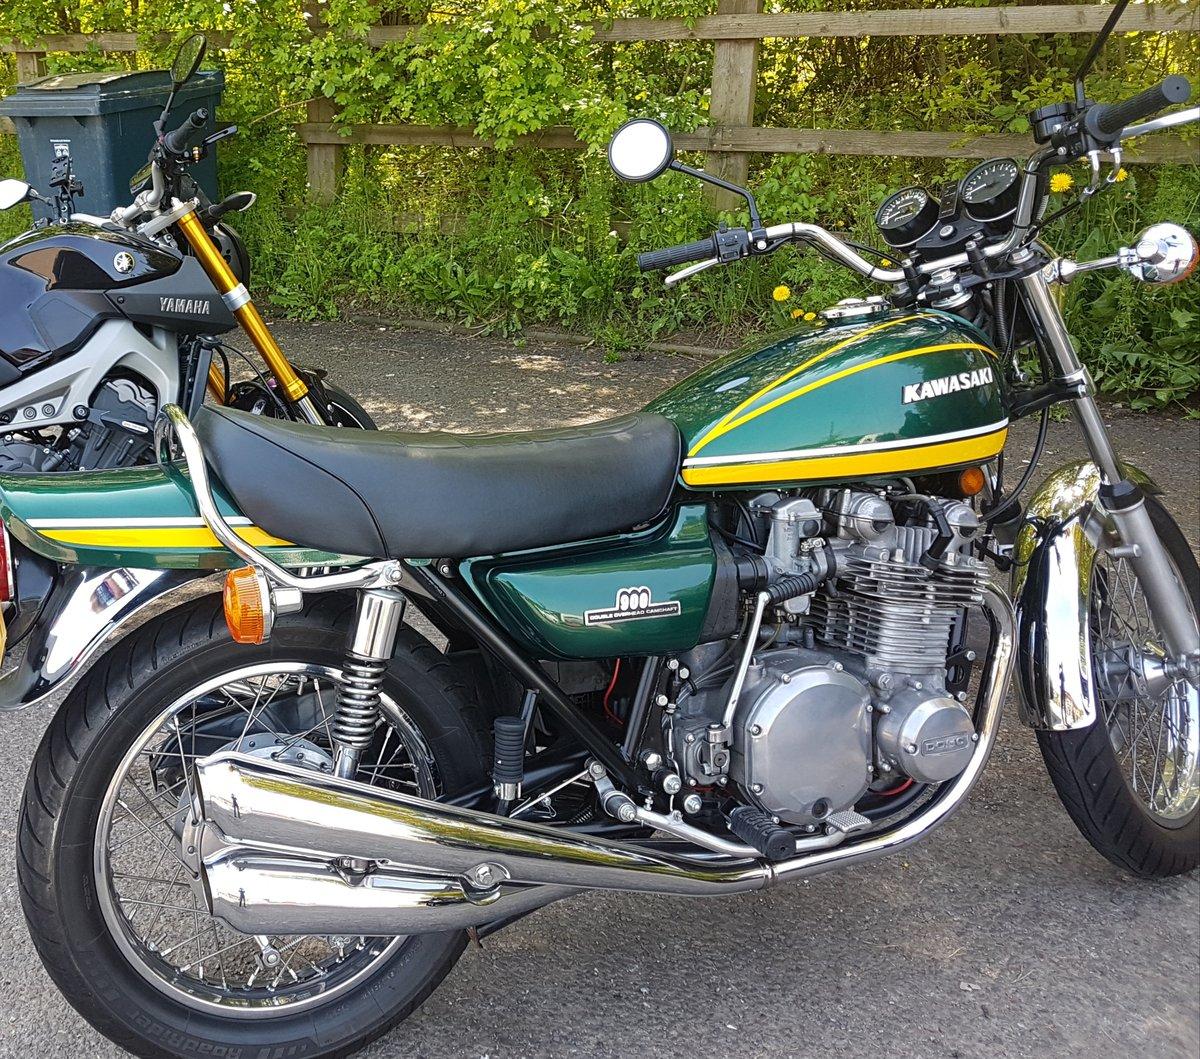 Kawasaki KZ900 1976 For Sale | Car And Classic